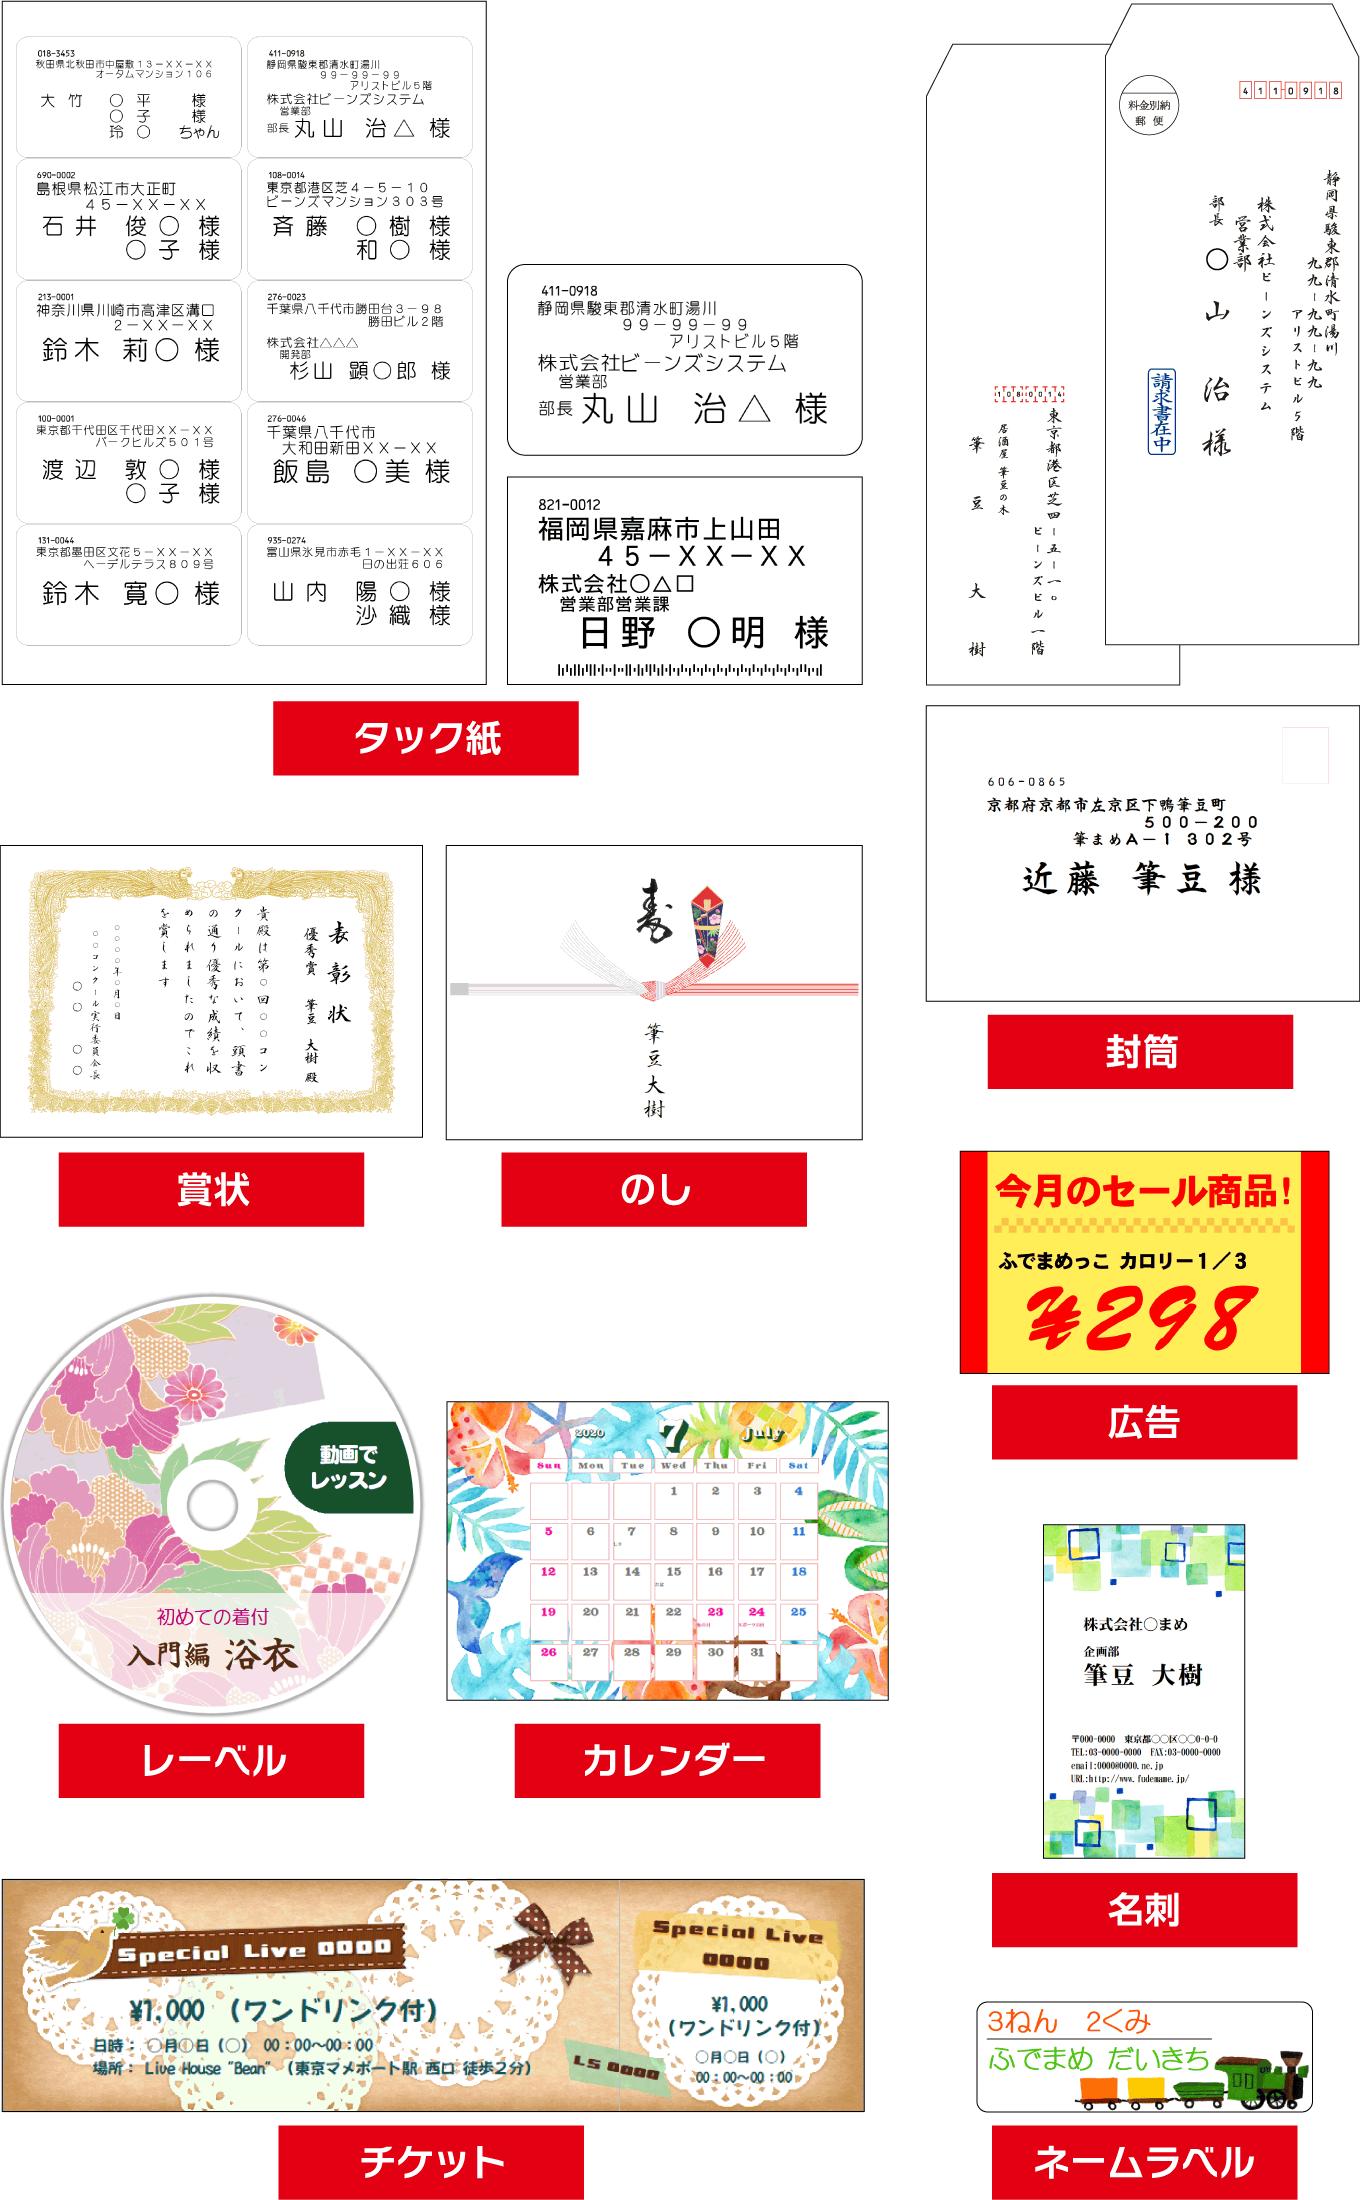 4_印刷_05_対応用紙